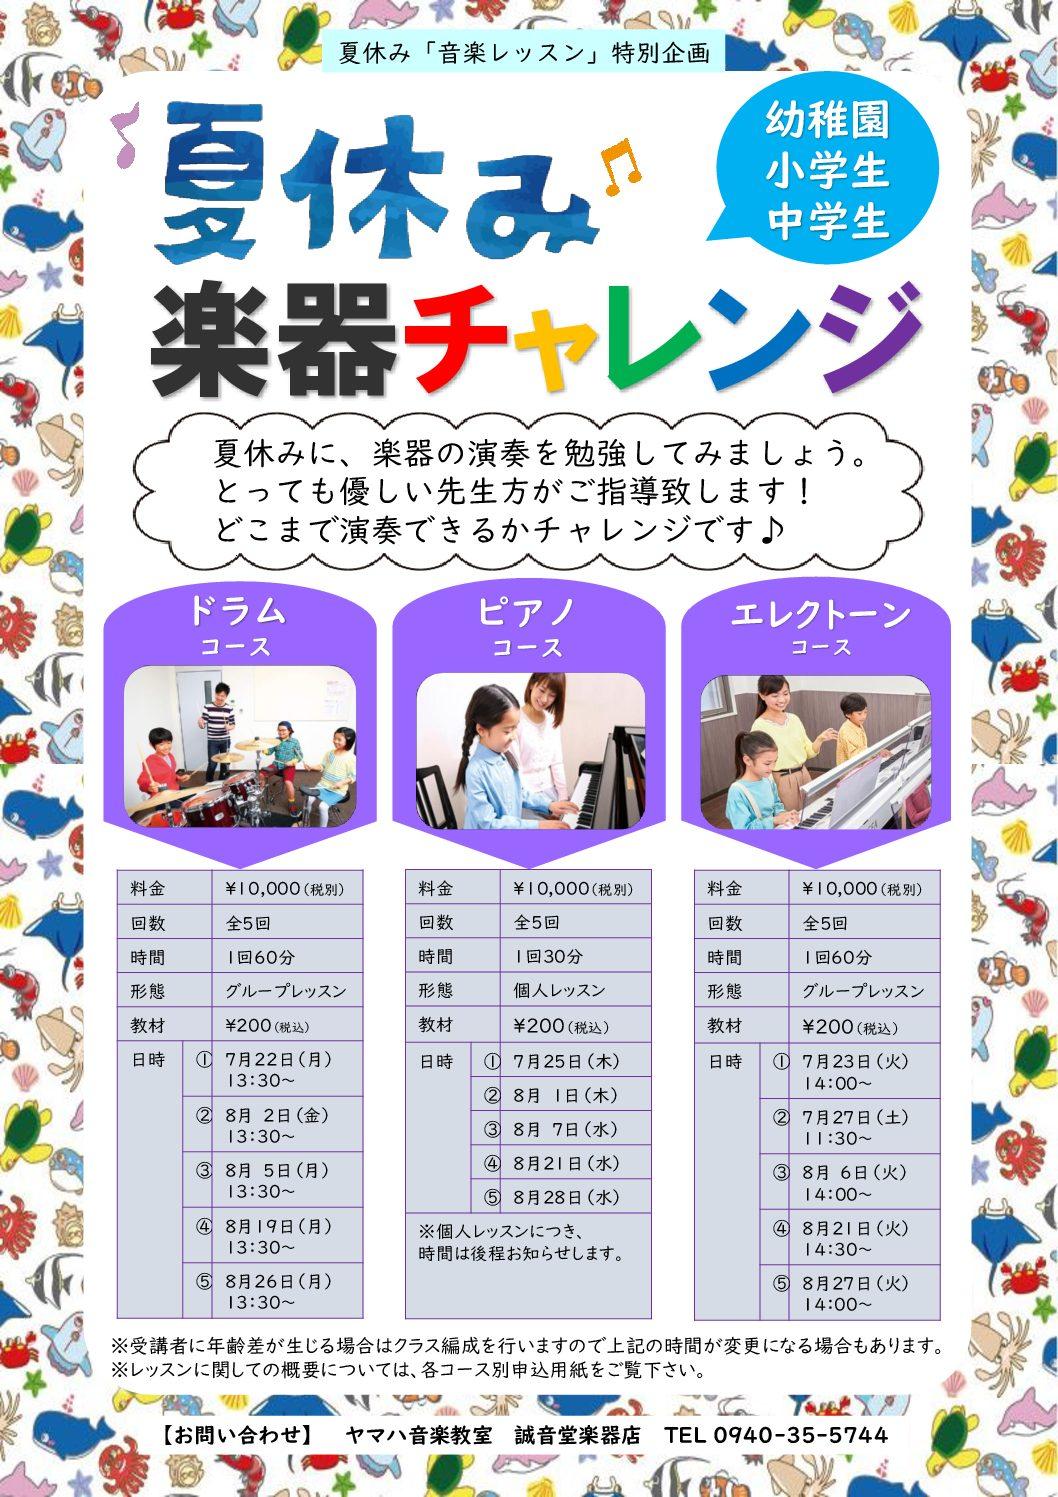 夏休み「楽器チャレンジ」